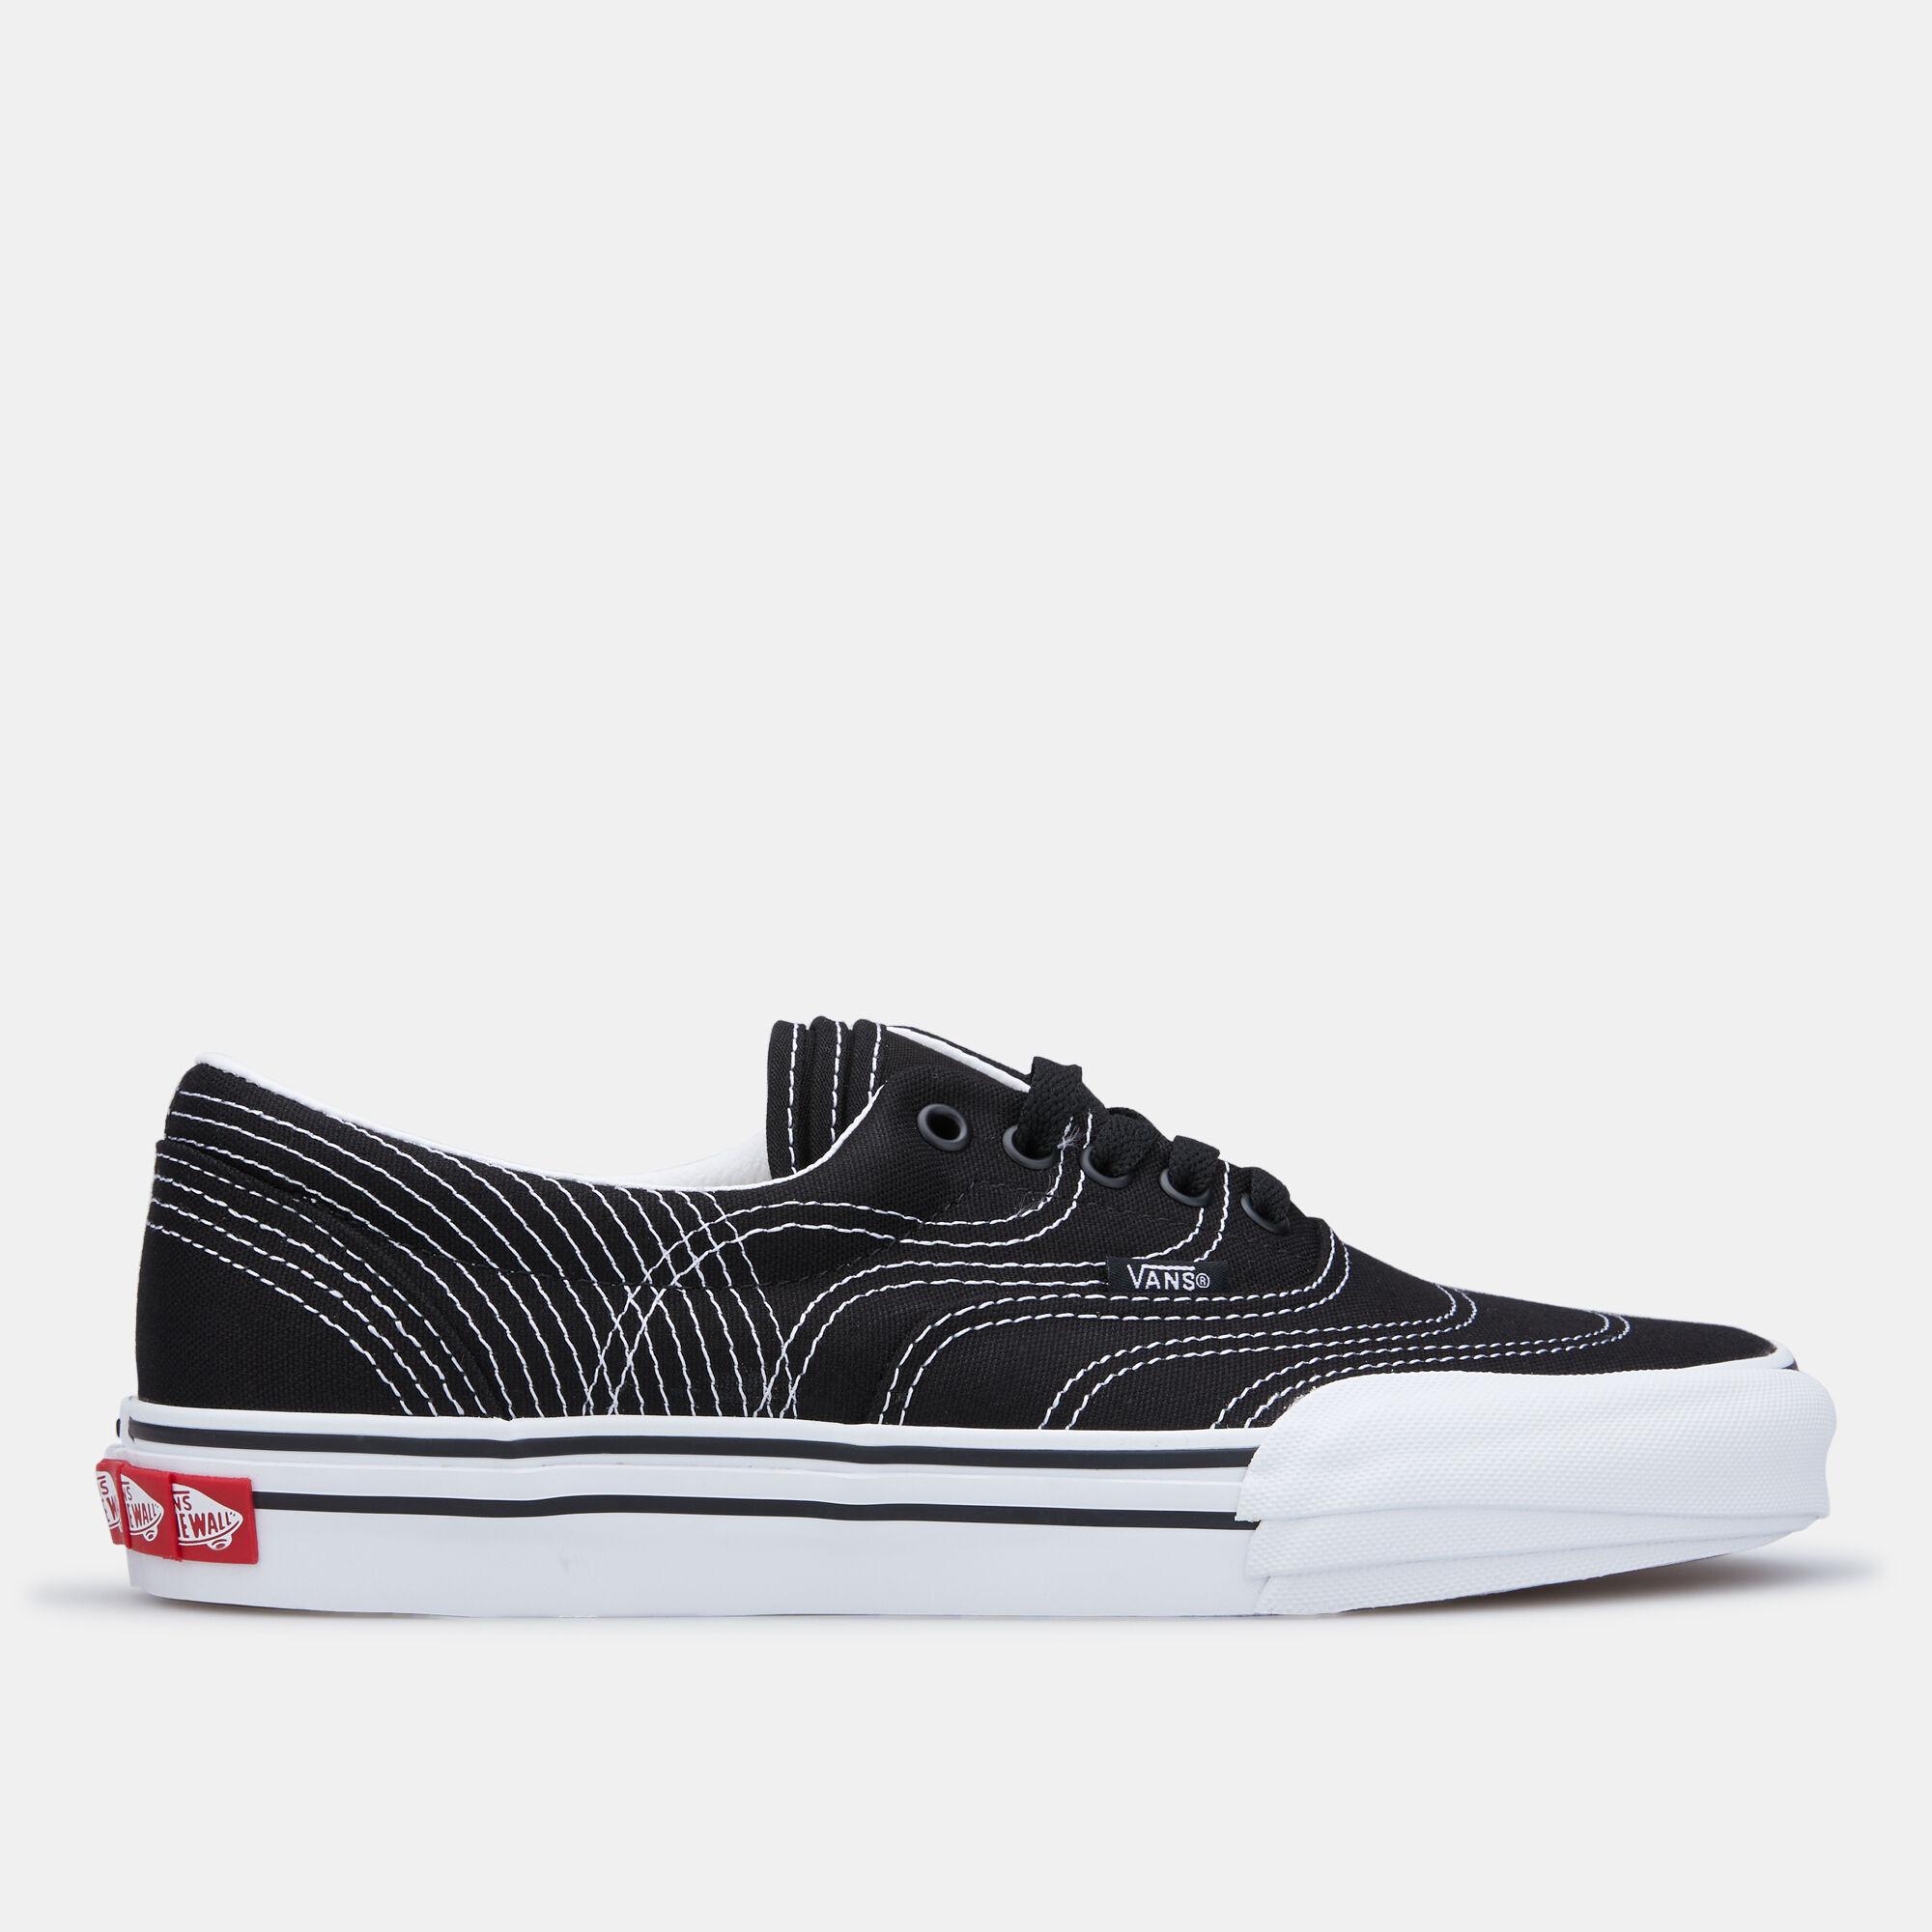 Buy Vans Vision Voyage Era 3ra Shoe in